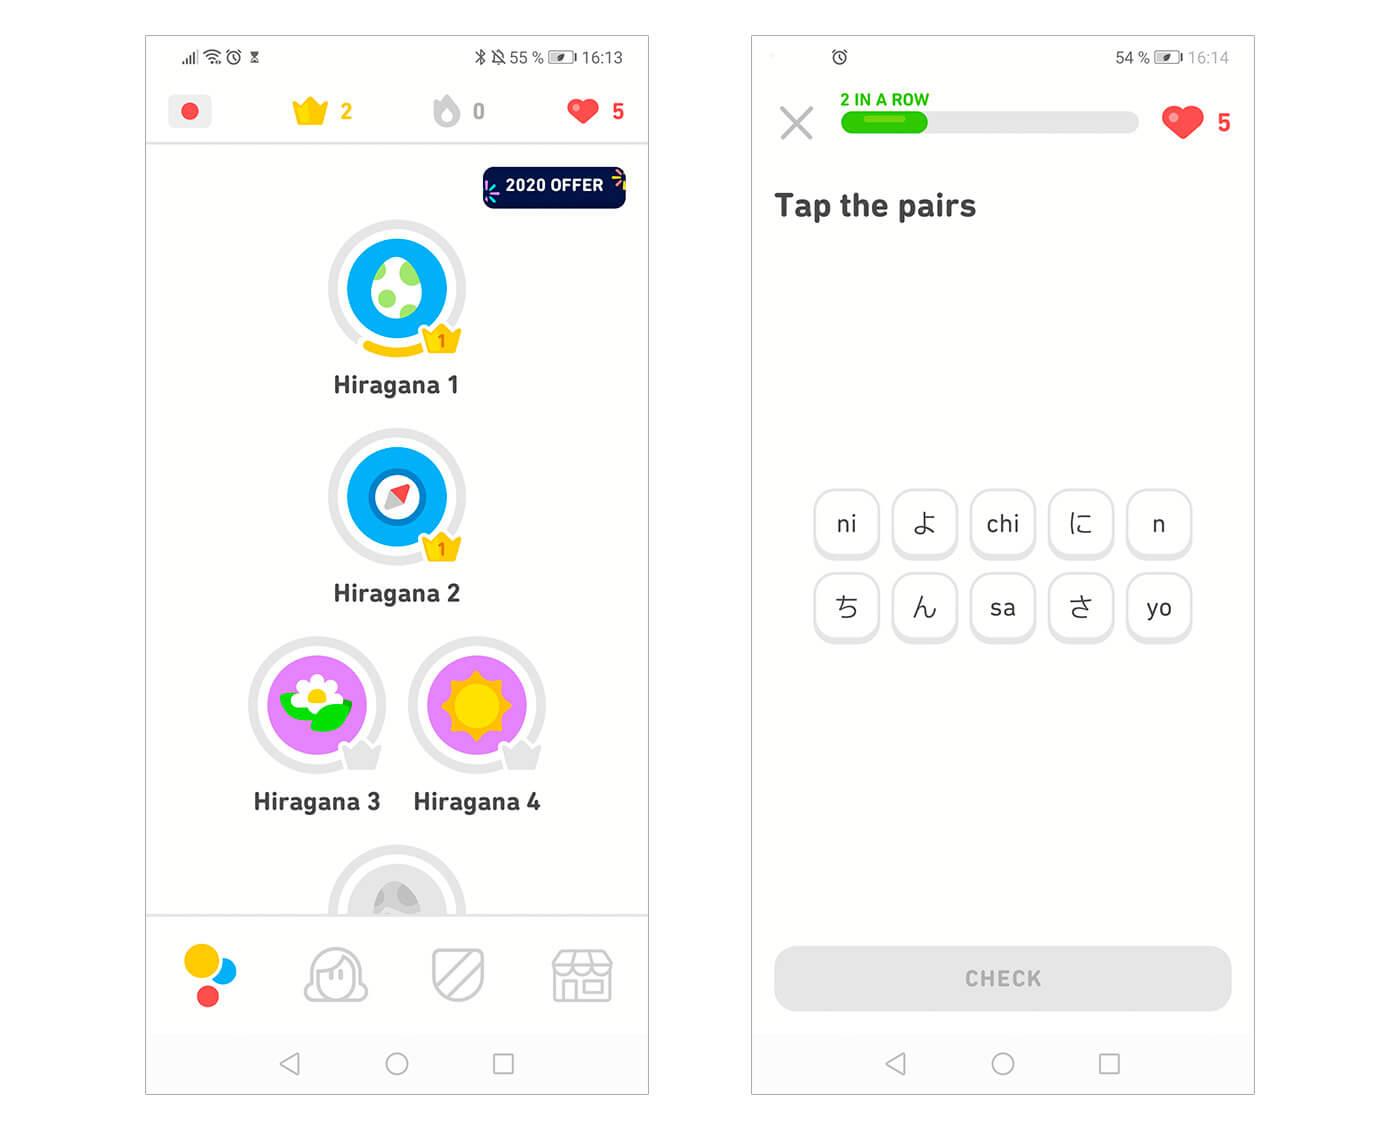 Ley UX Ziegarnik - Duolingo